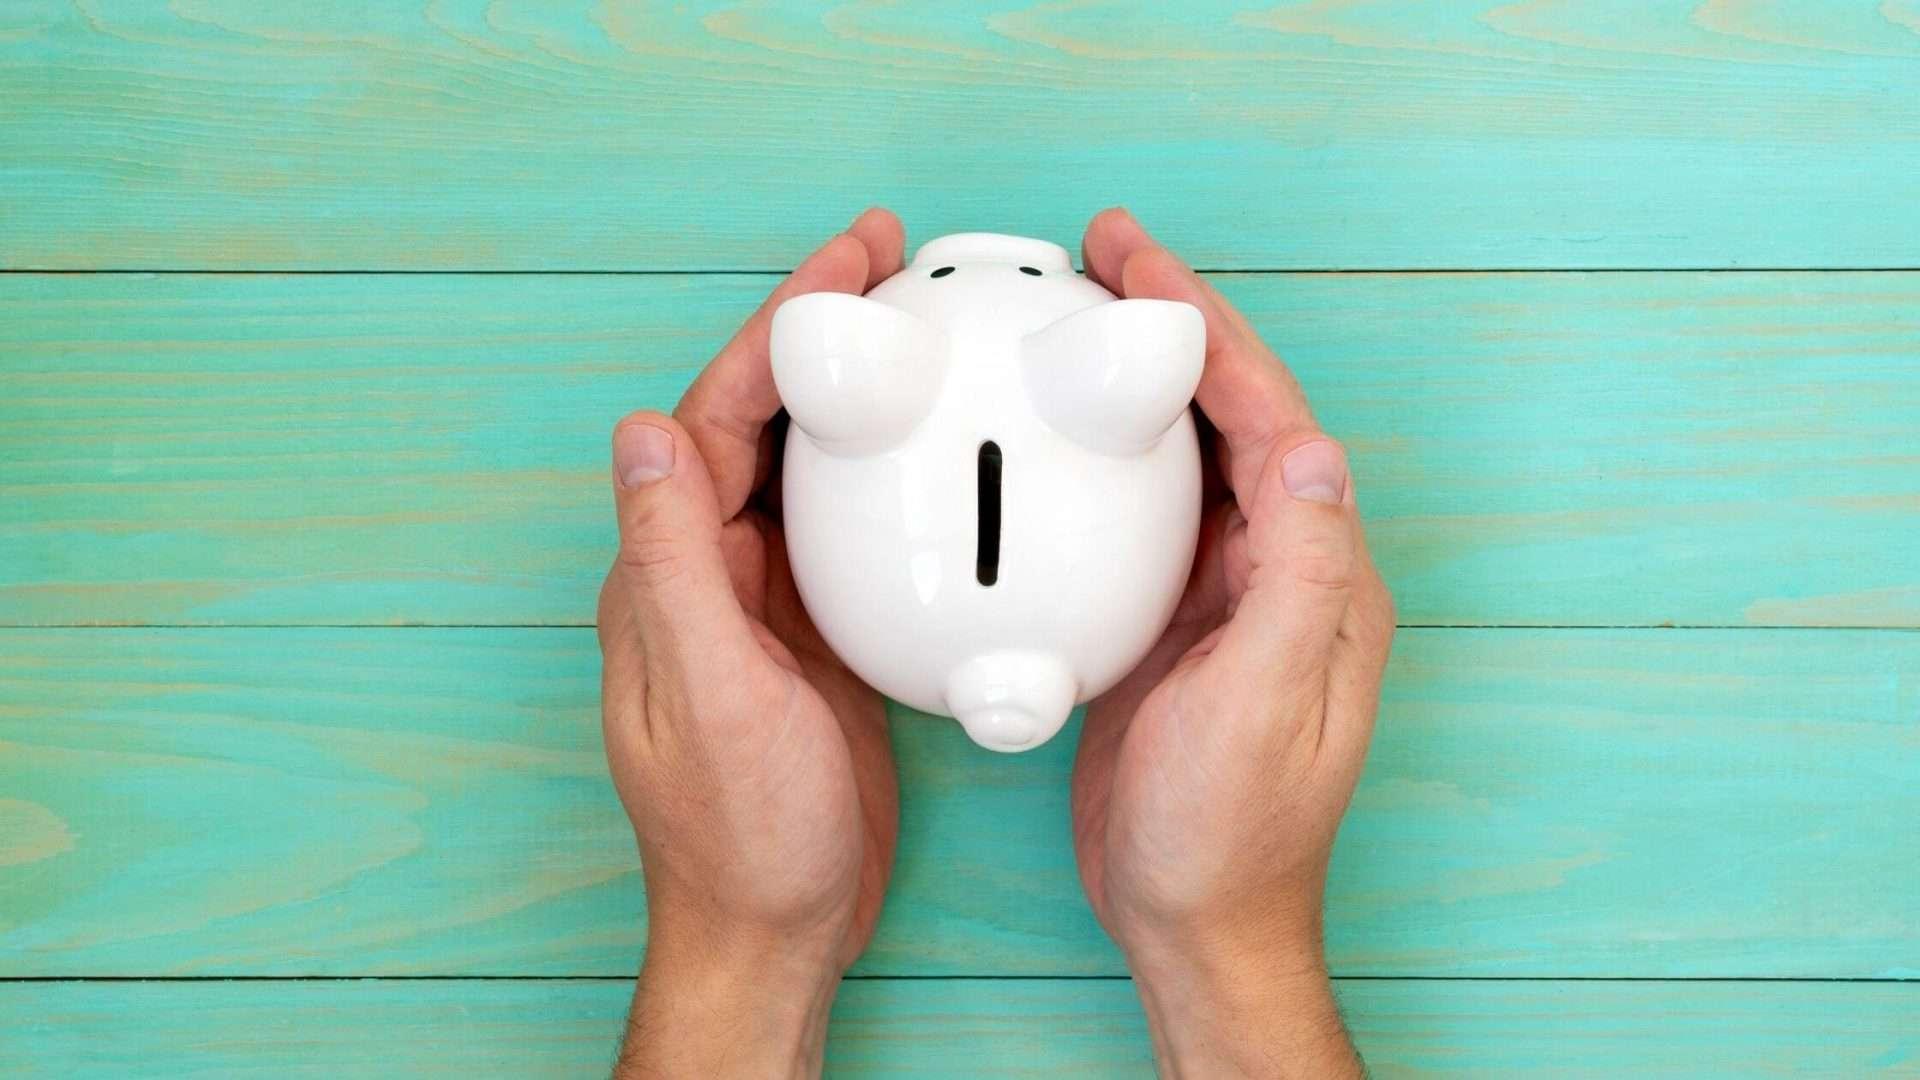 Hands holding a piggy bank money box